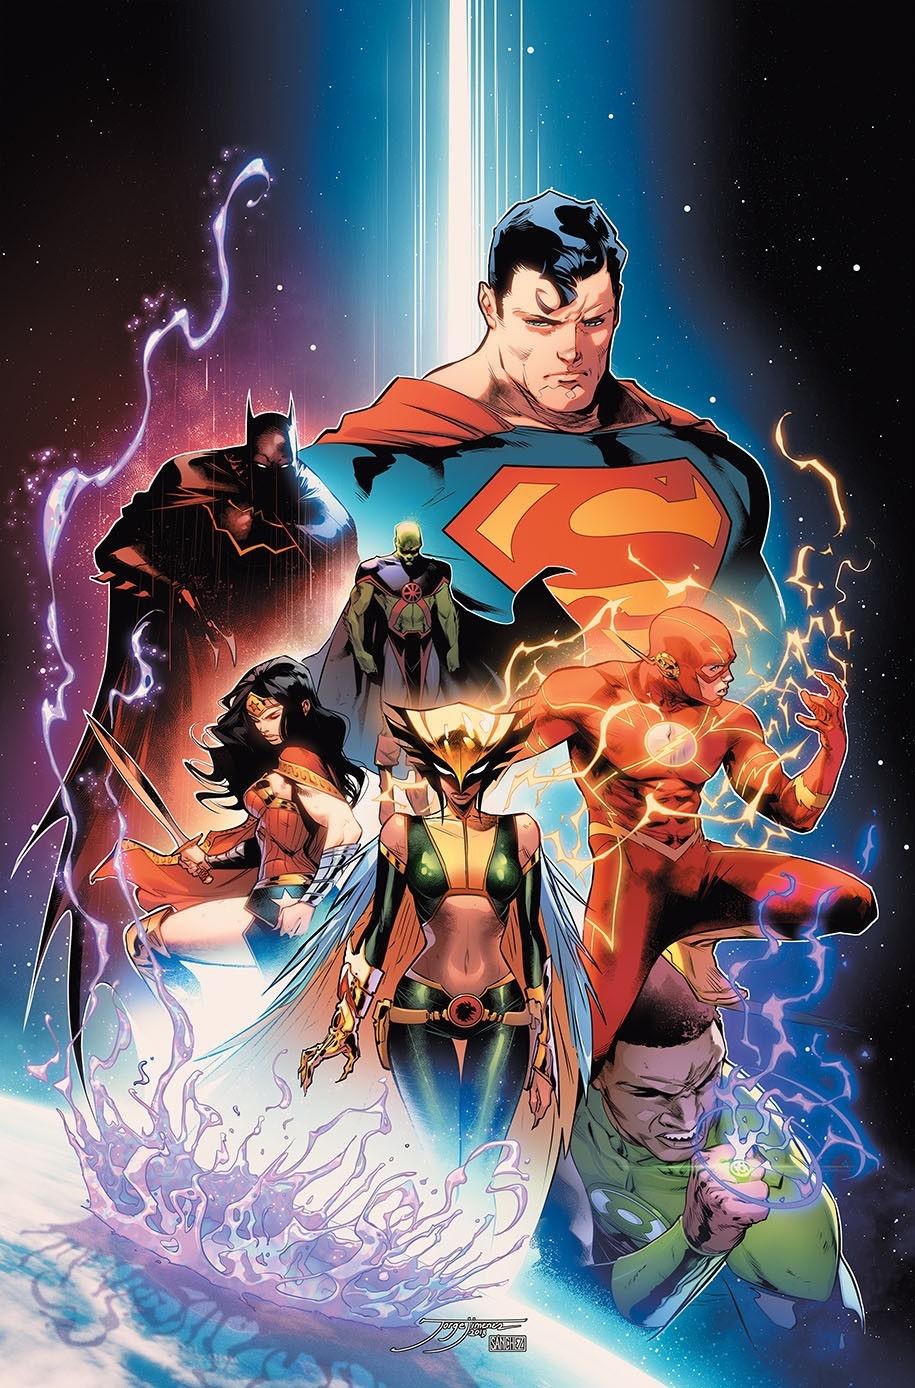 Justice League Vol 4 2 Cover Art By Jorge Jimenez Justice League Comics Dc Comics Heroes Dc Comics Characters